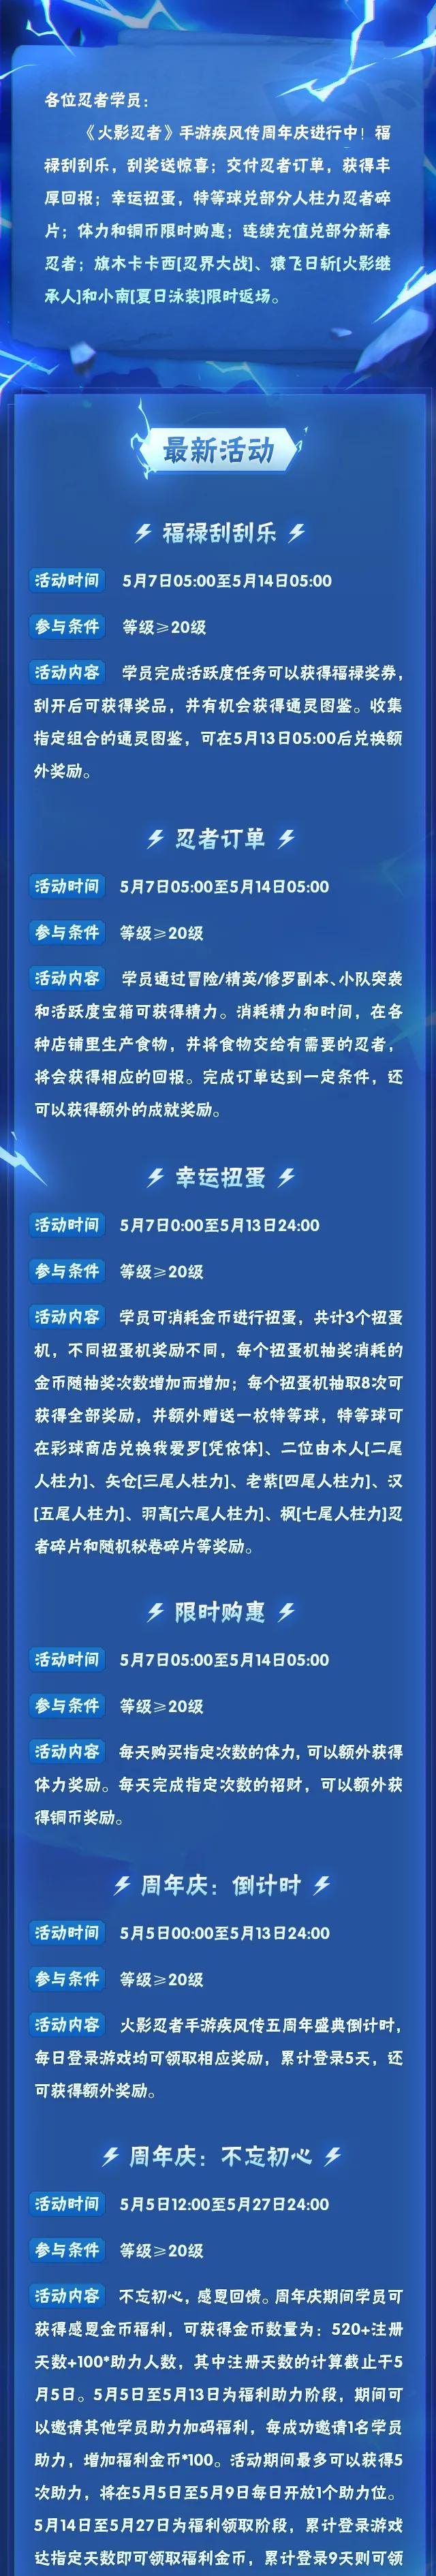 【本周公告】五周年庆火热进行中,看决赛赢宇智波斑「秽土...